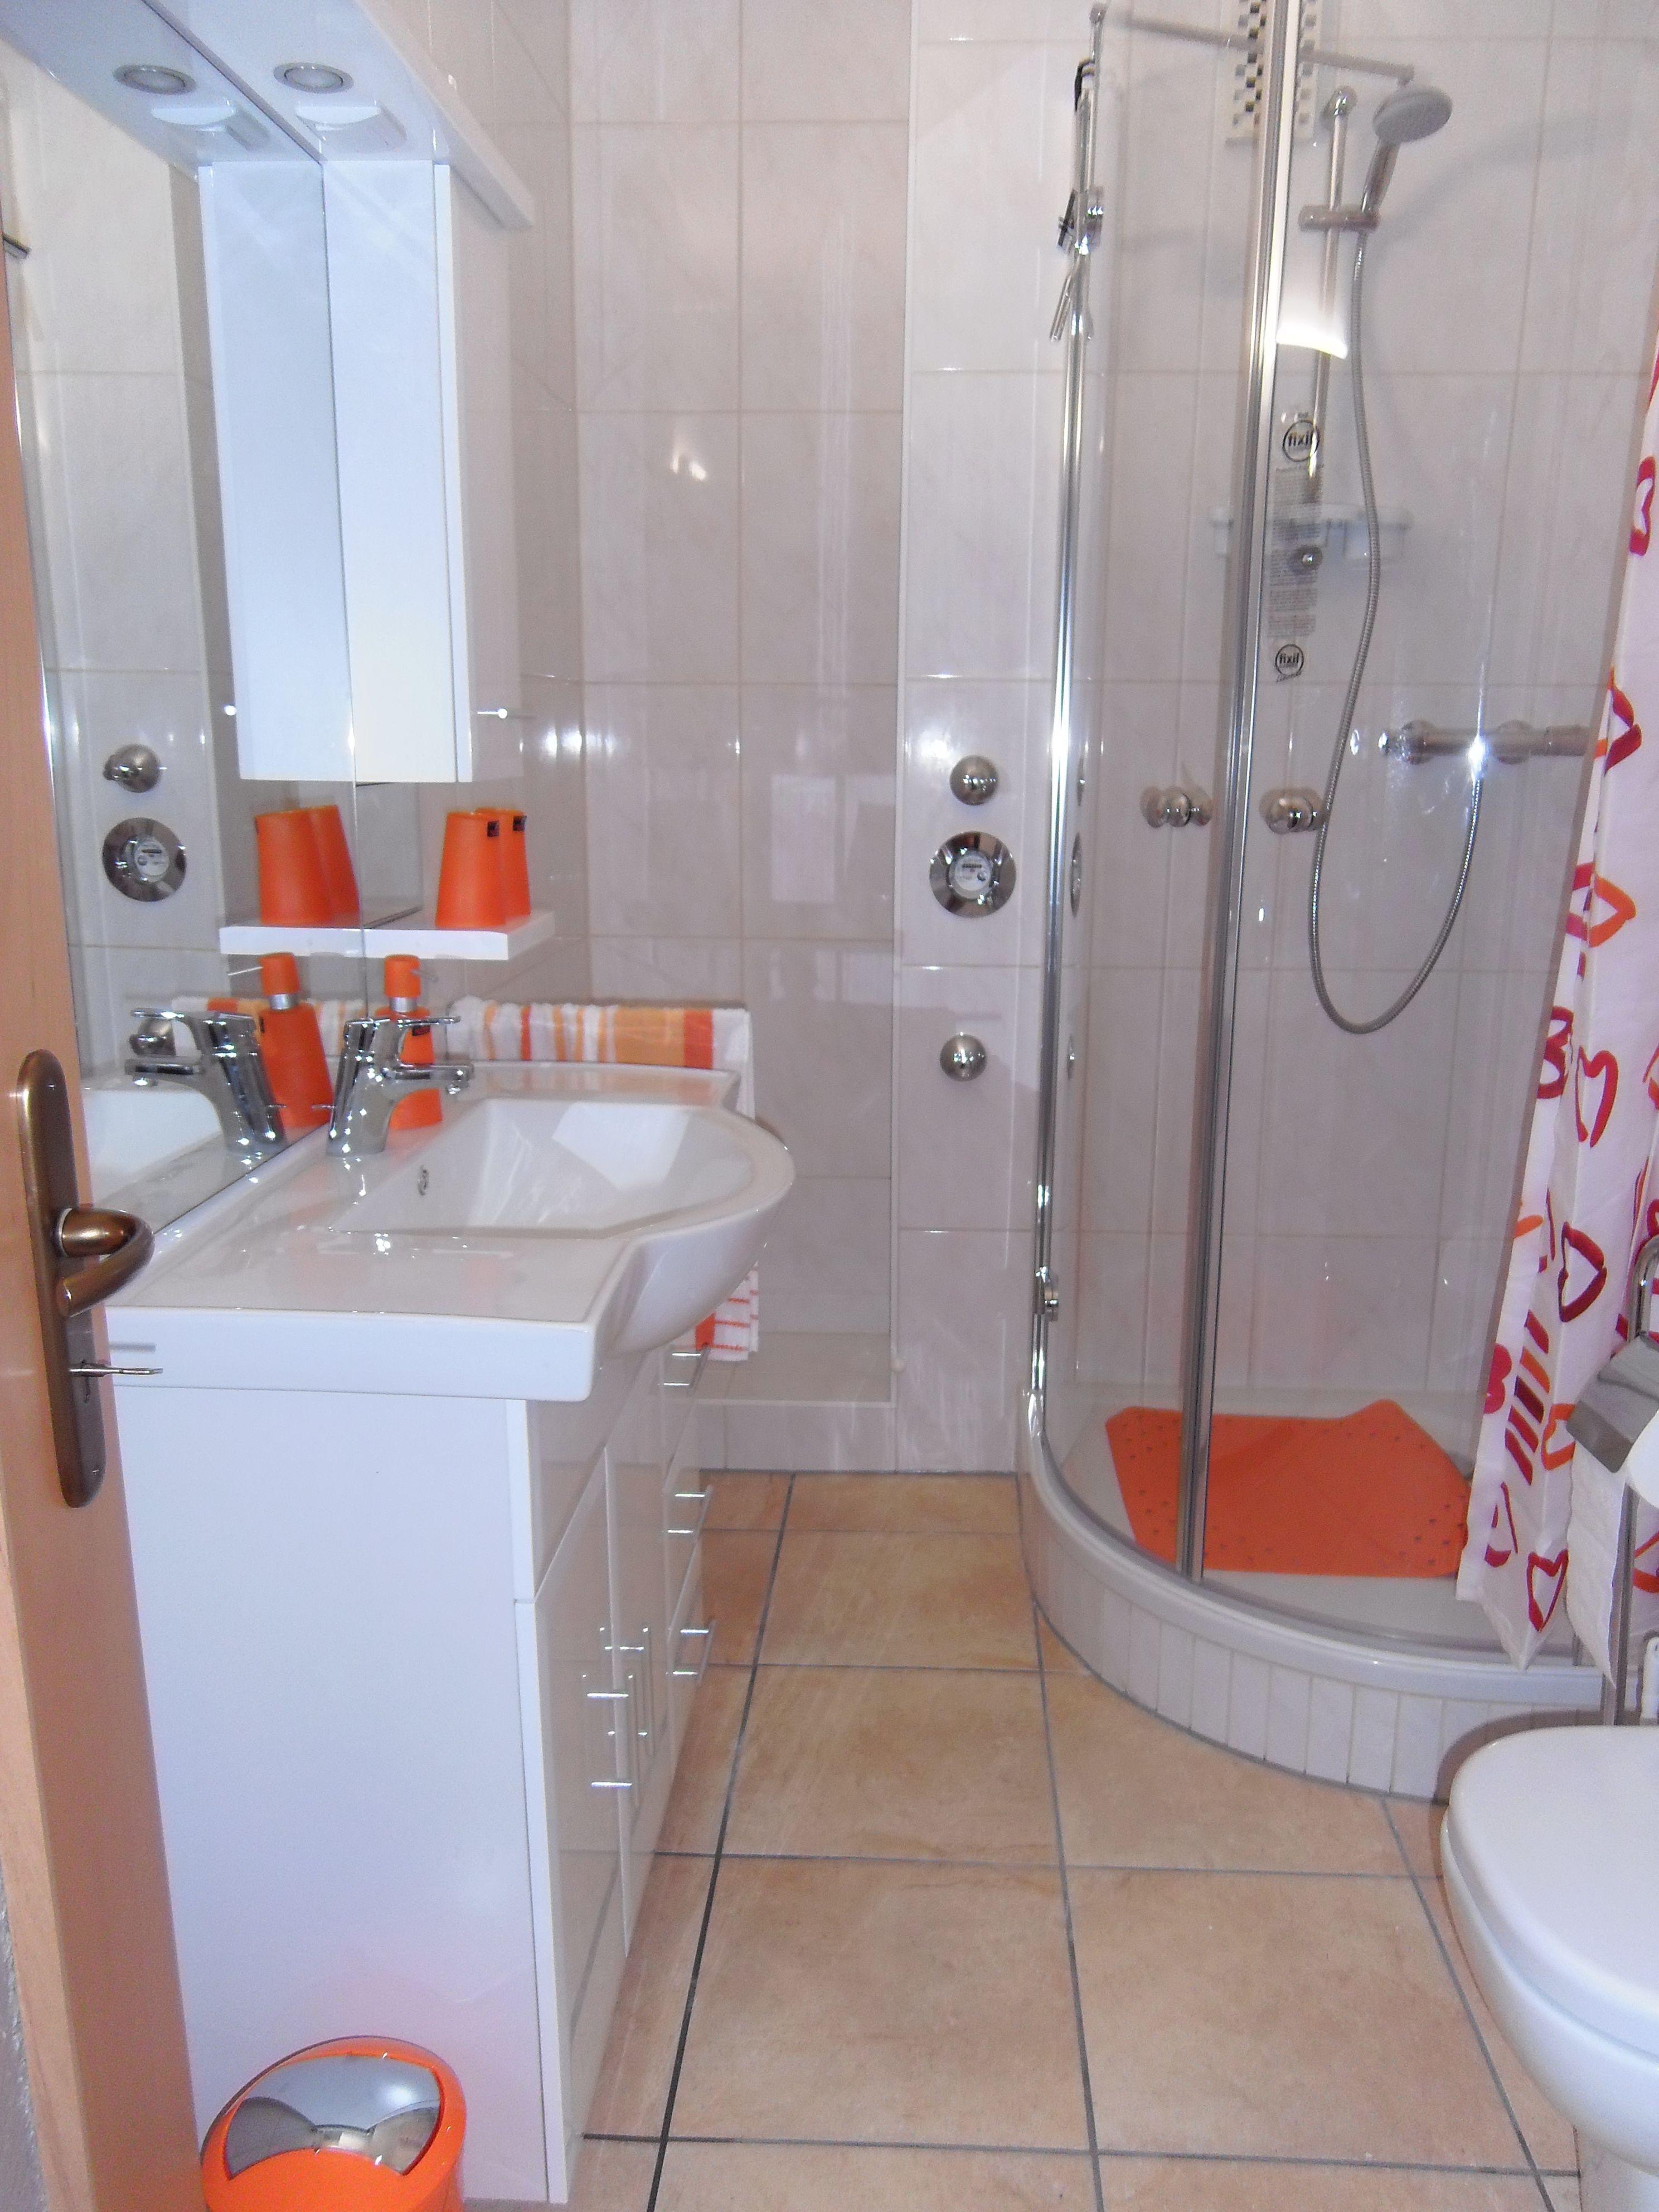 Neues Bad mit Schrank/Regalnische ... | Unsere Badezimmer vorher ...